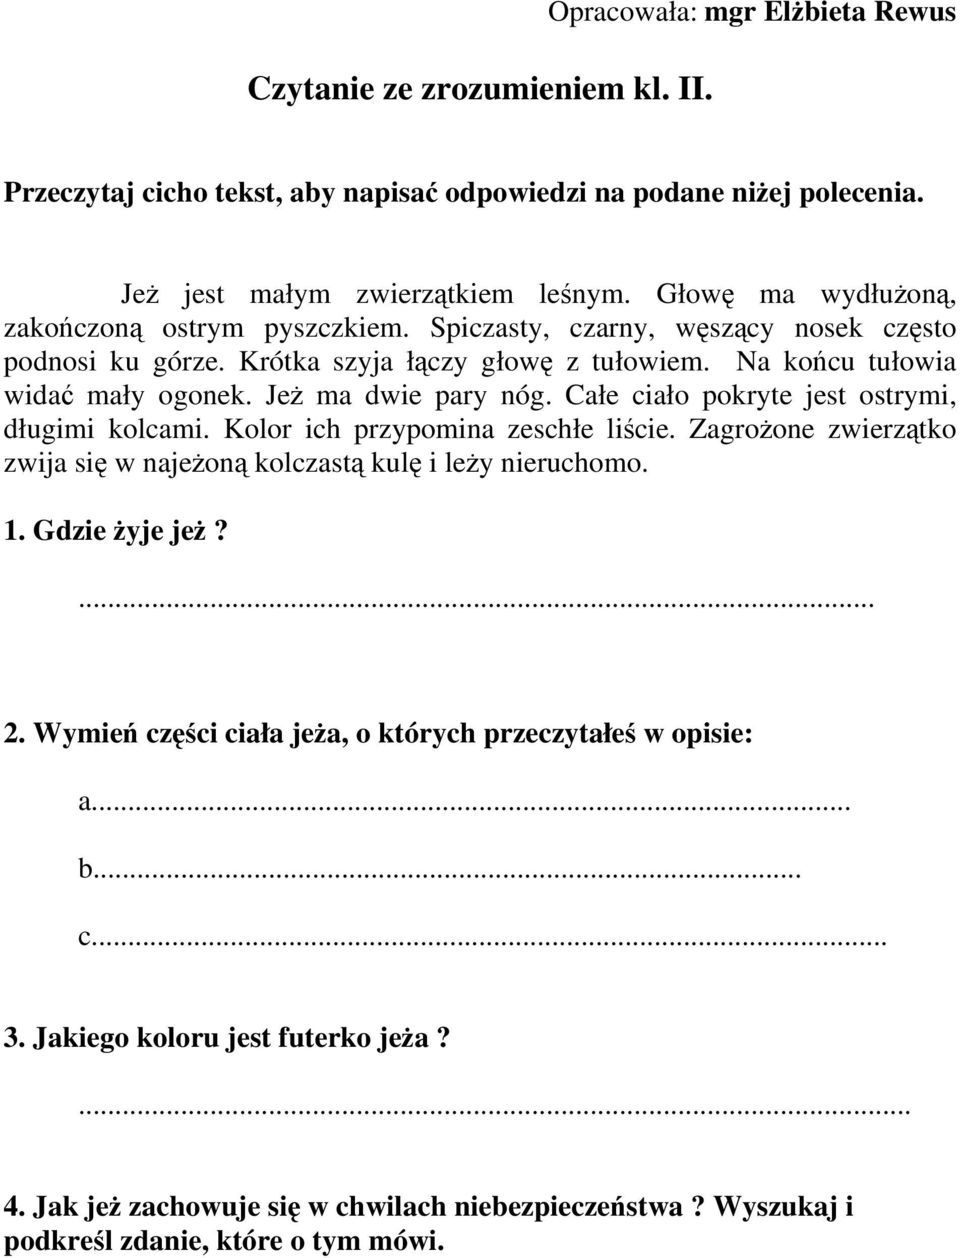 Czytanie Ze Zrozumieniem Education Polish Language Educational Crafts